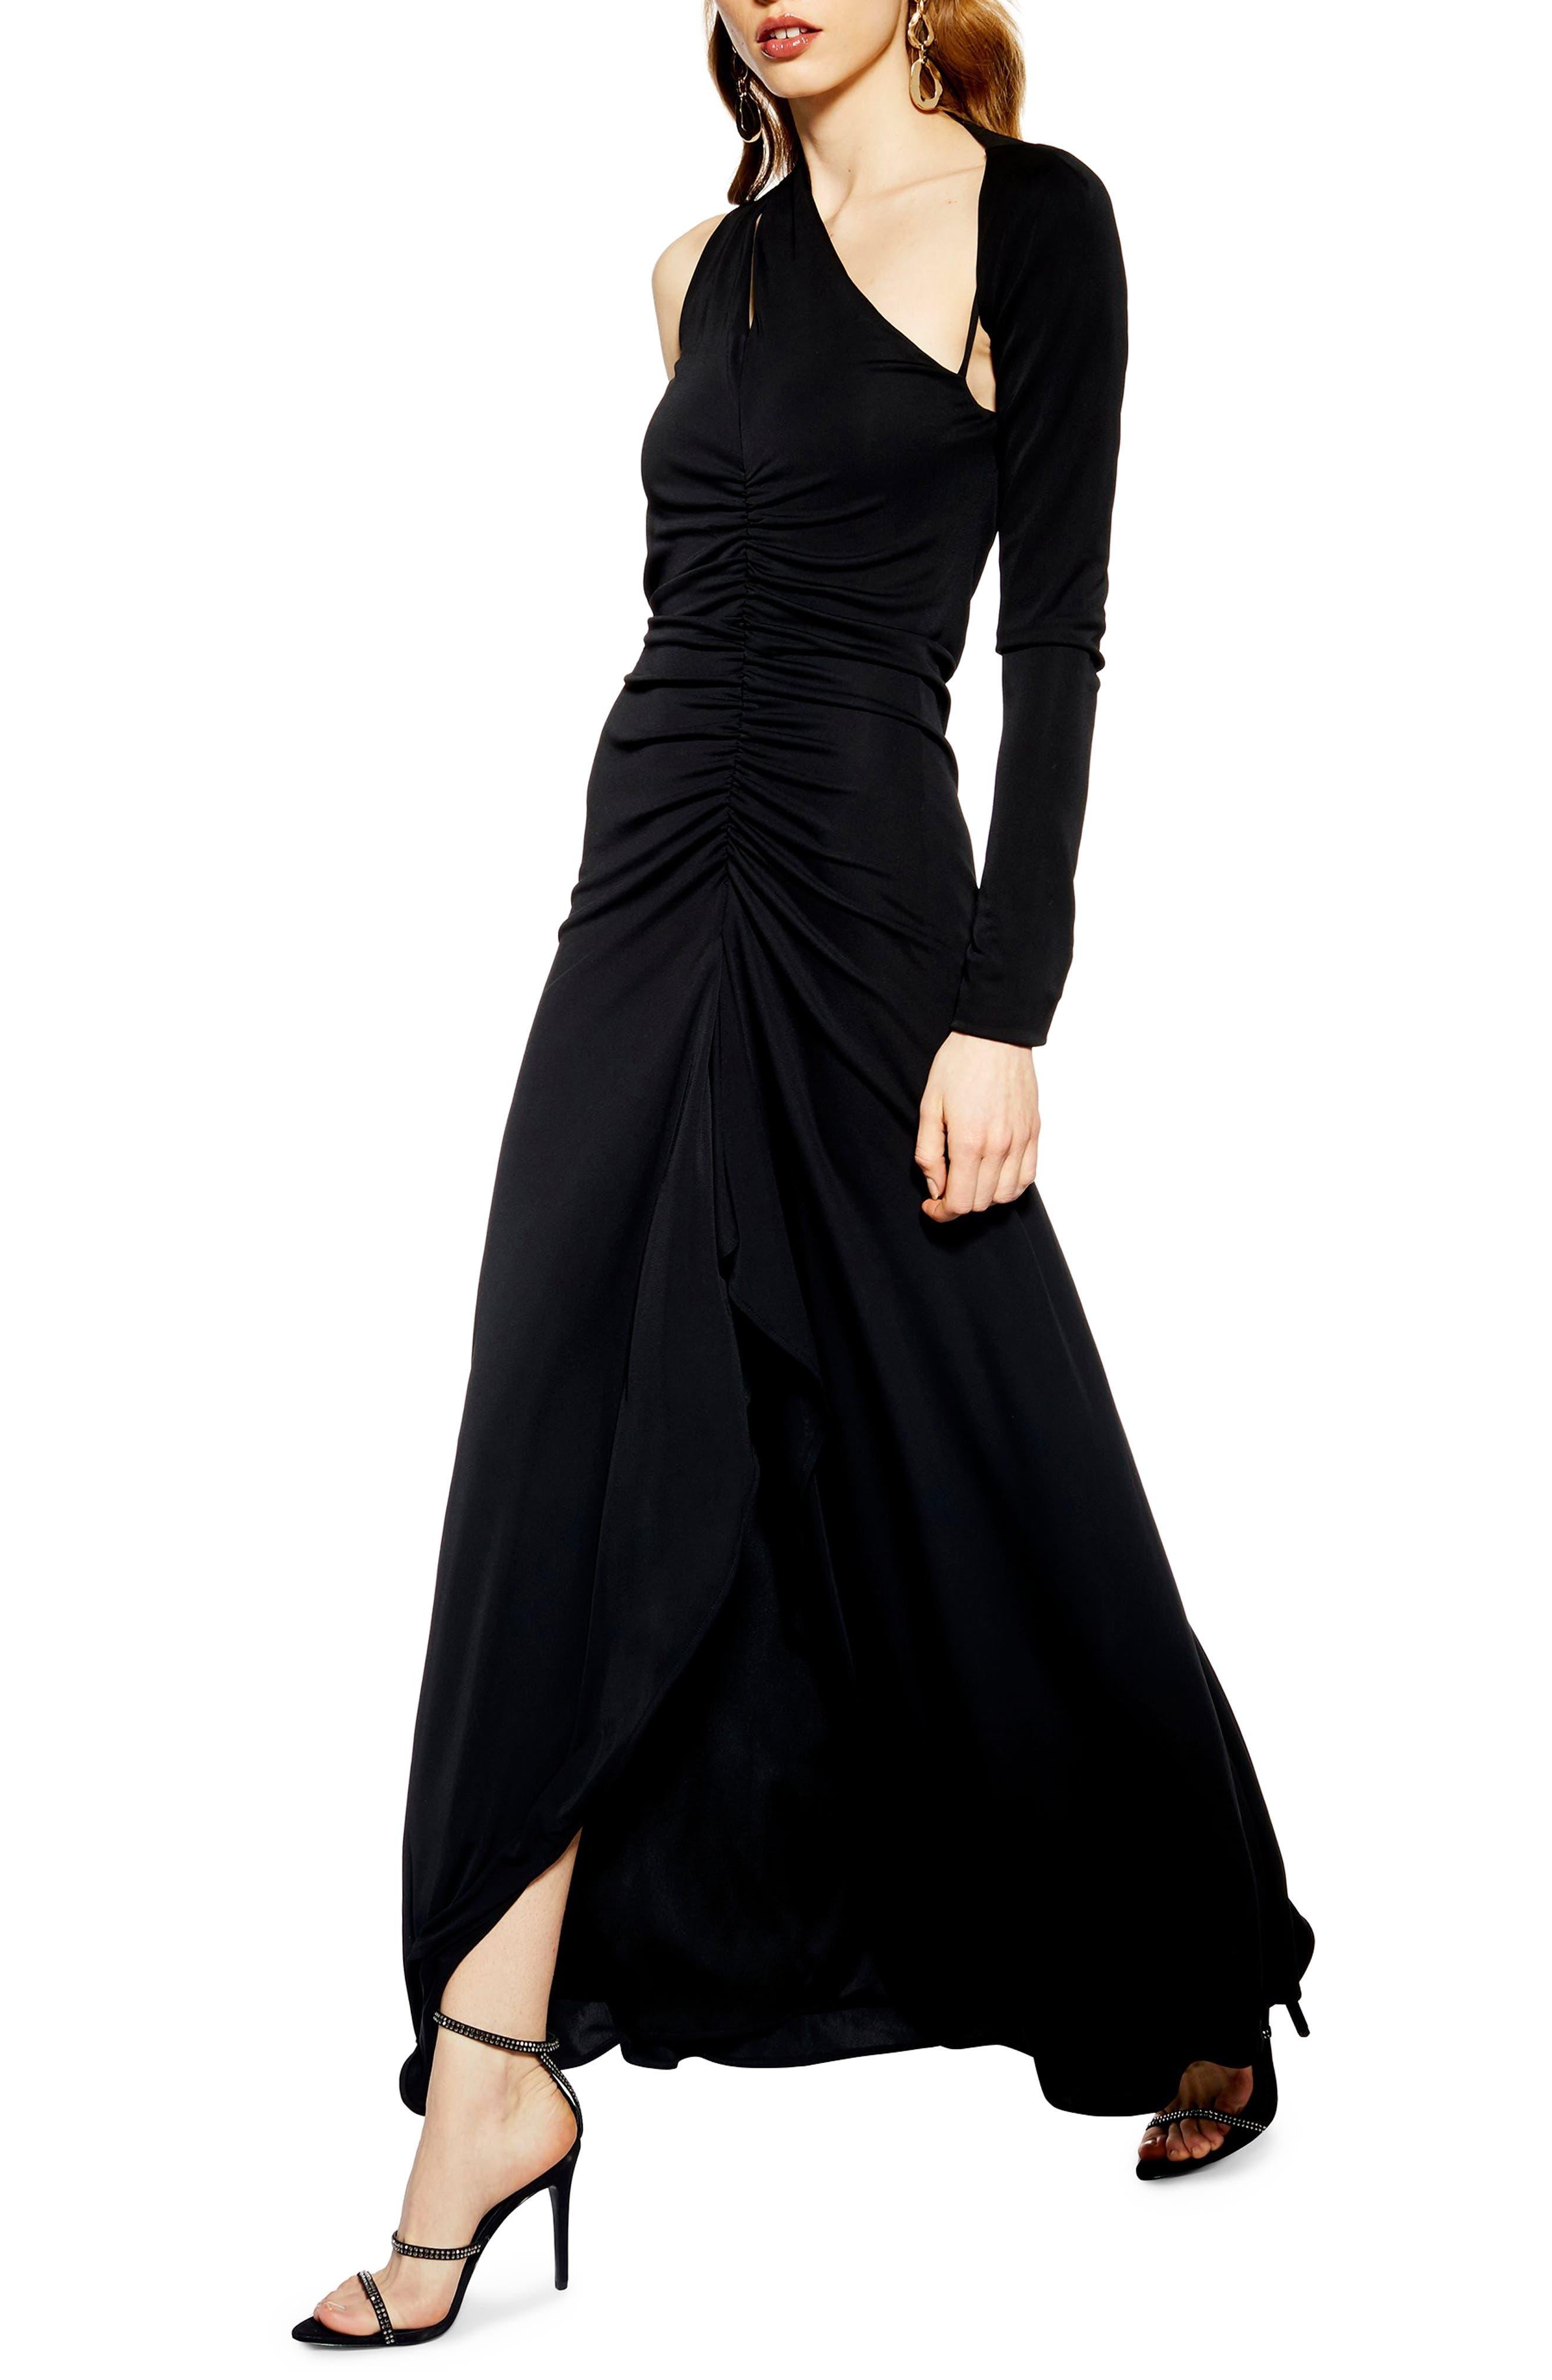 Topshop One-Shoulder Maxi Dress, US (fits like 16-18) - Black